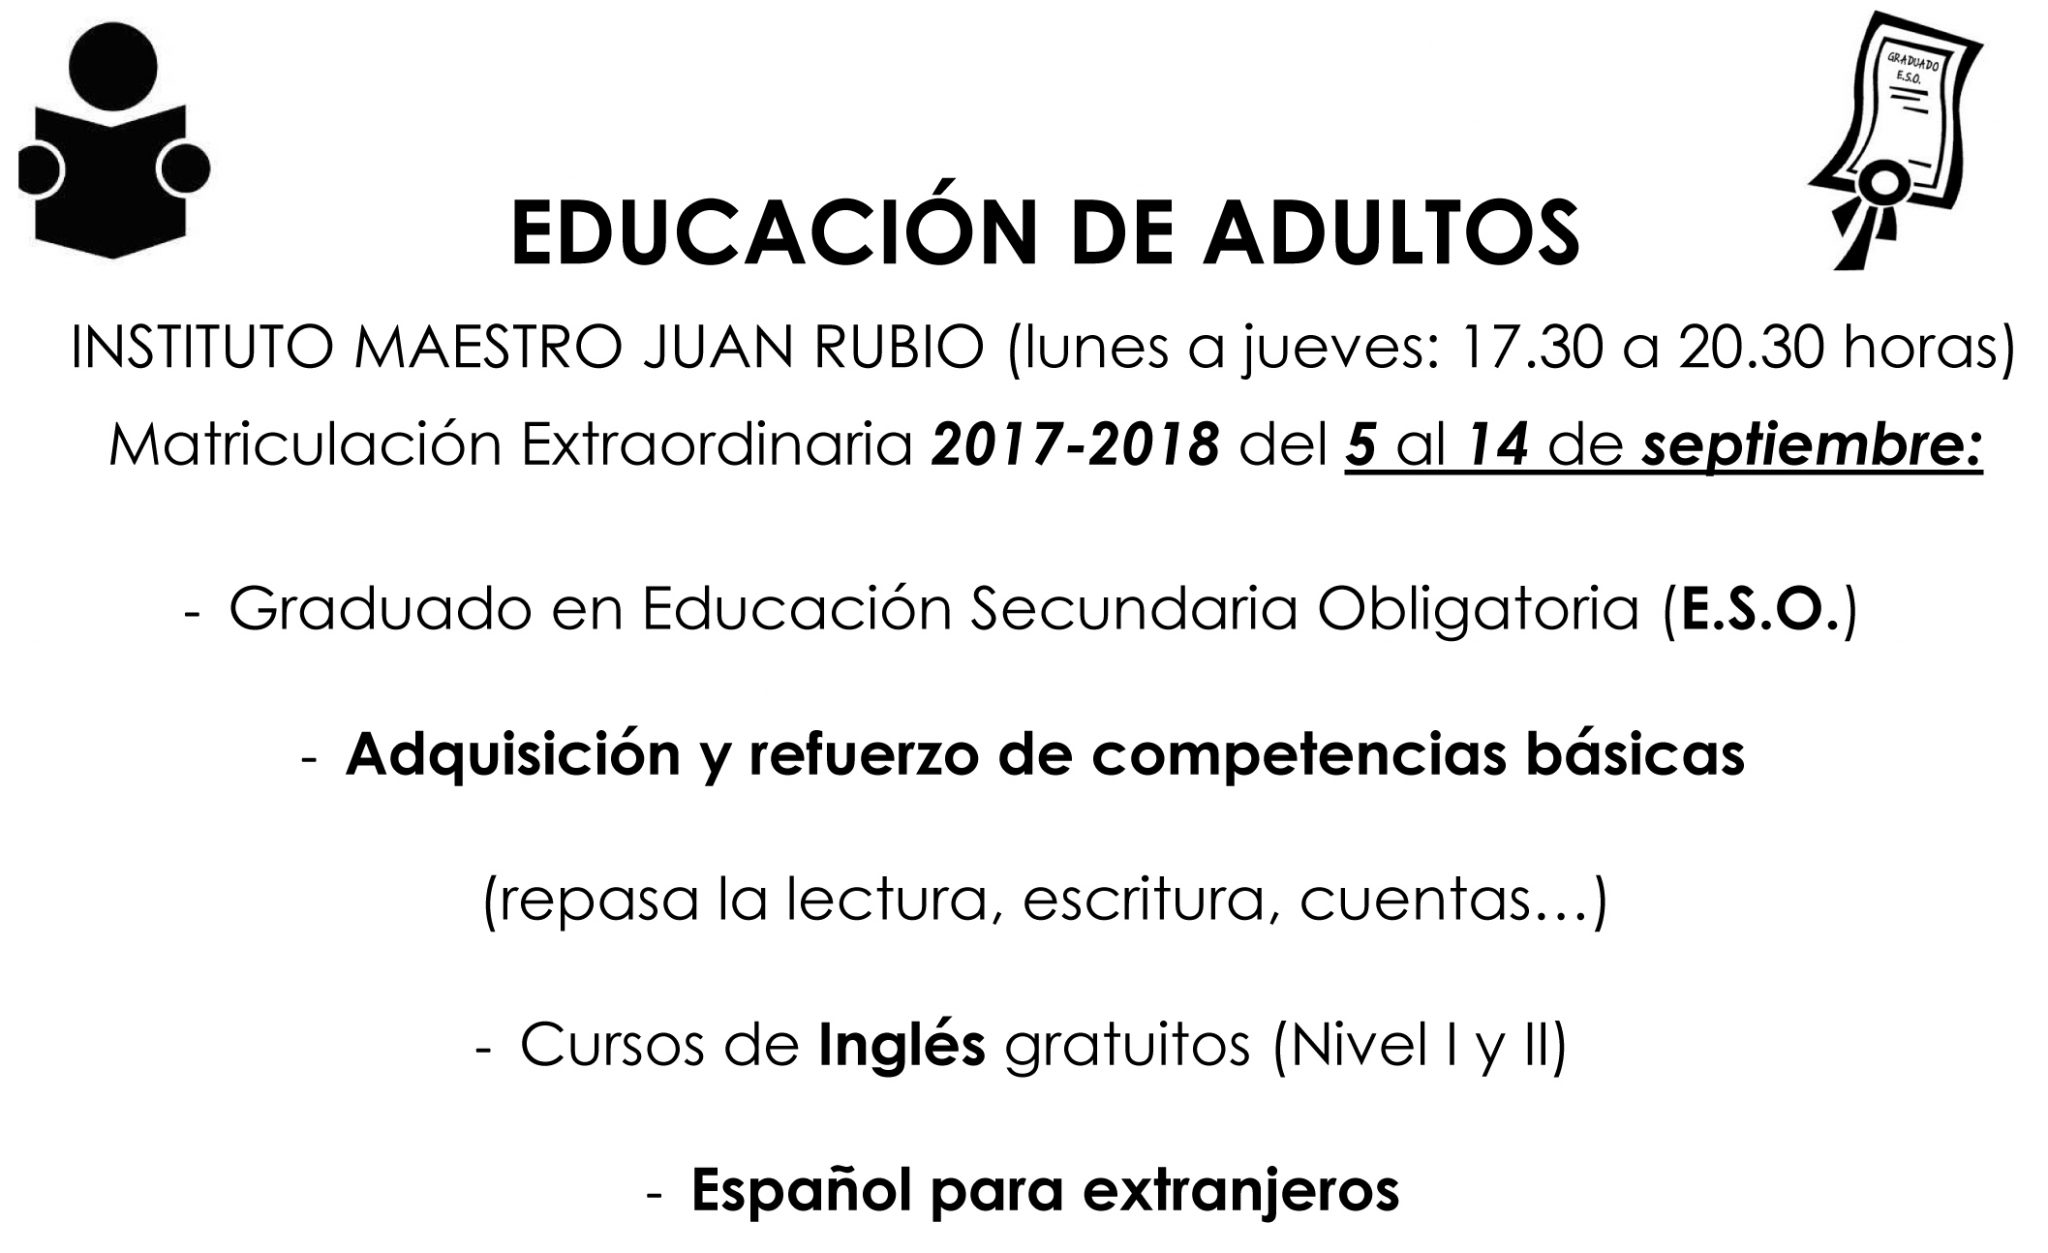 Matriculación En La Escuela De Adultos